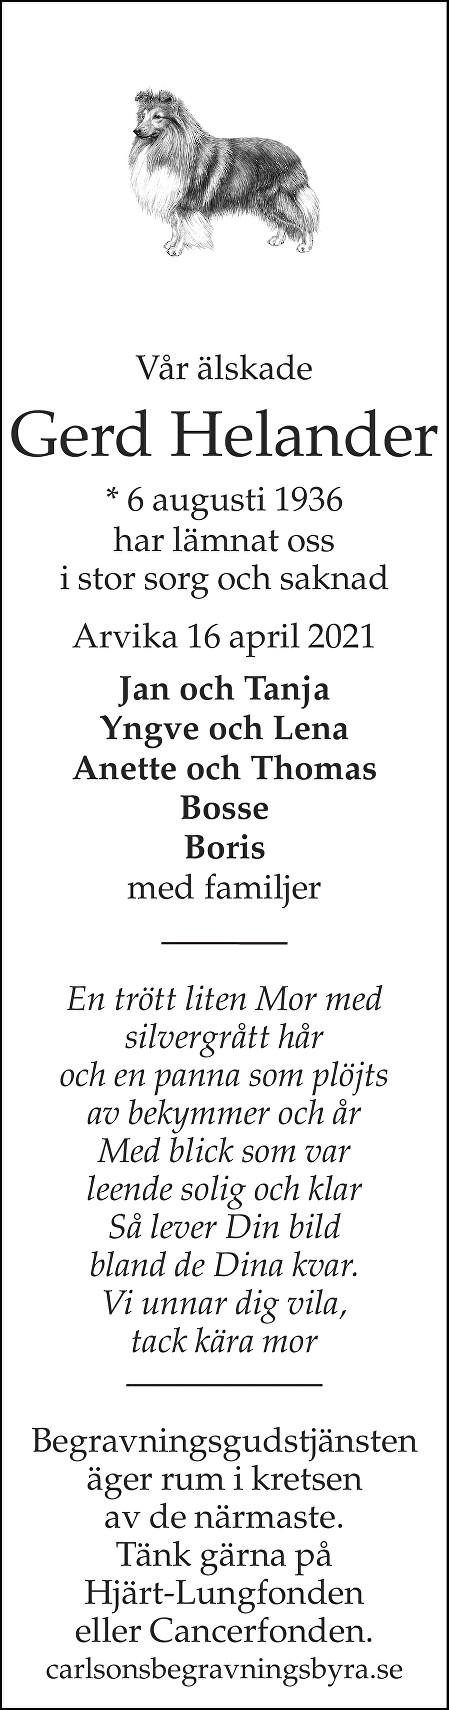 Gerd Helander Death notice